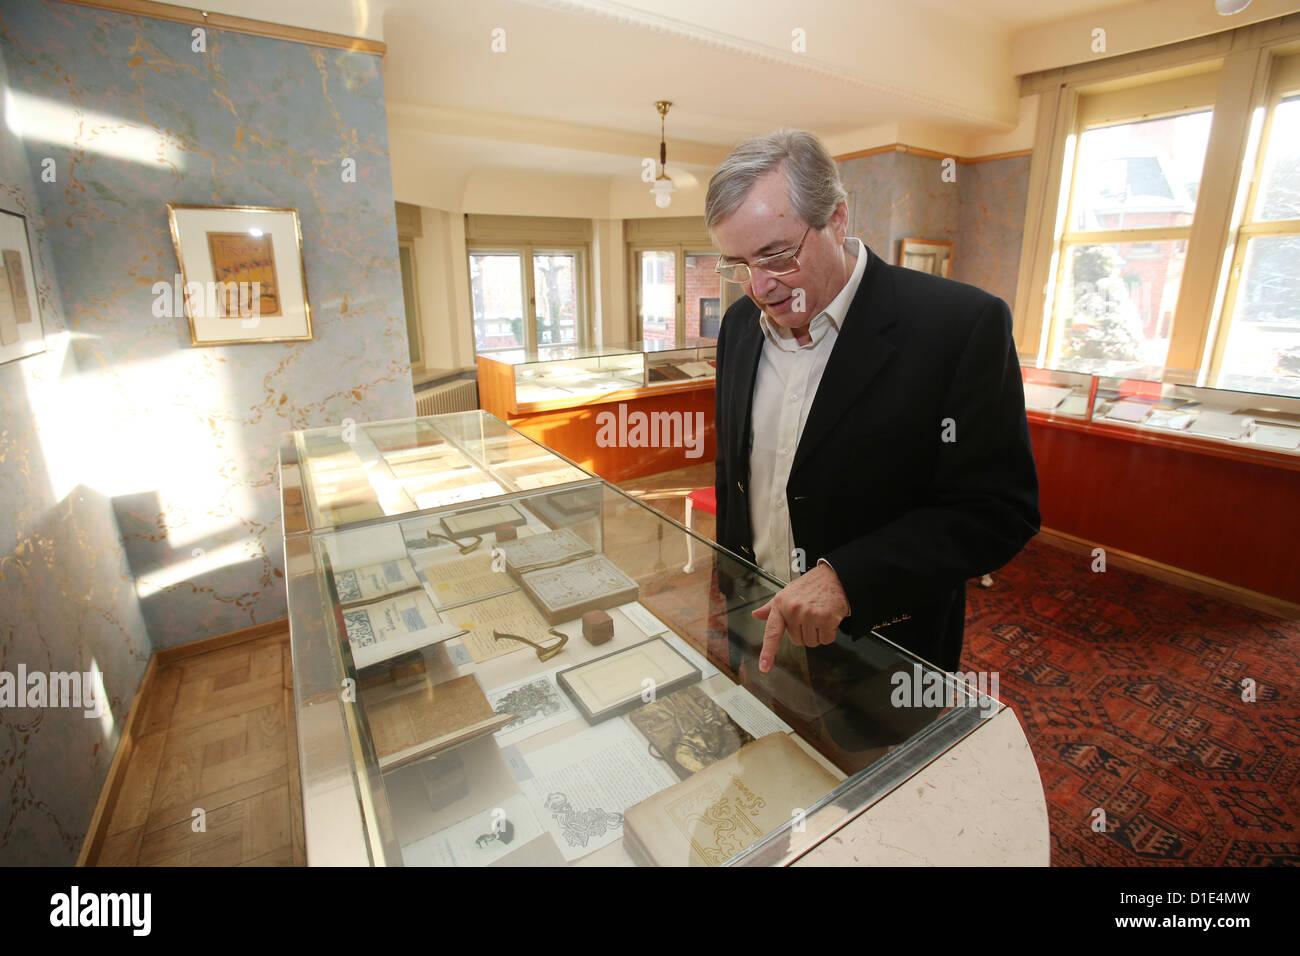 Owner of Haus Schulenburg, Volker Kielstein, shows design pieces by ...